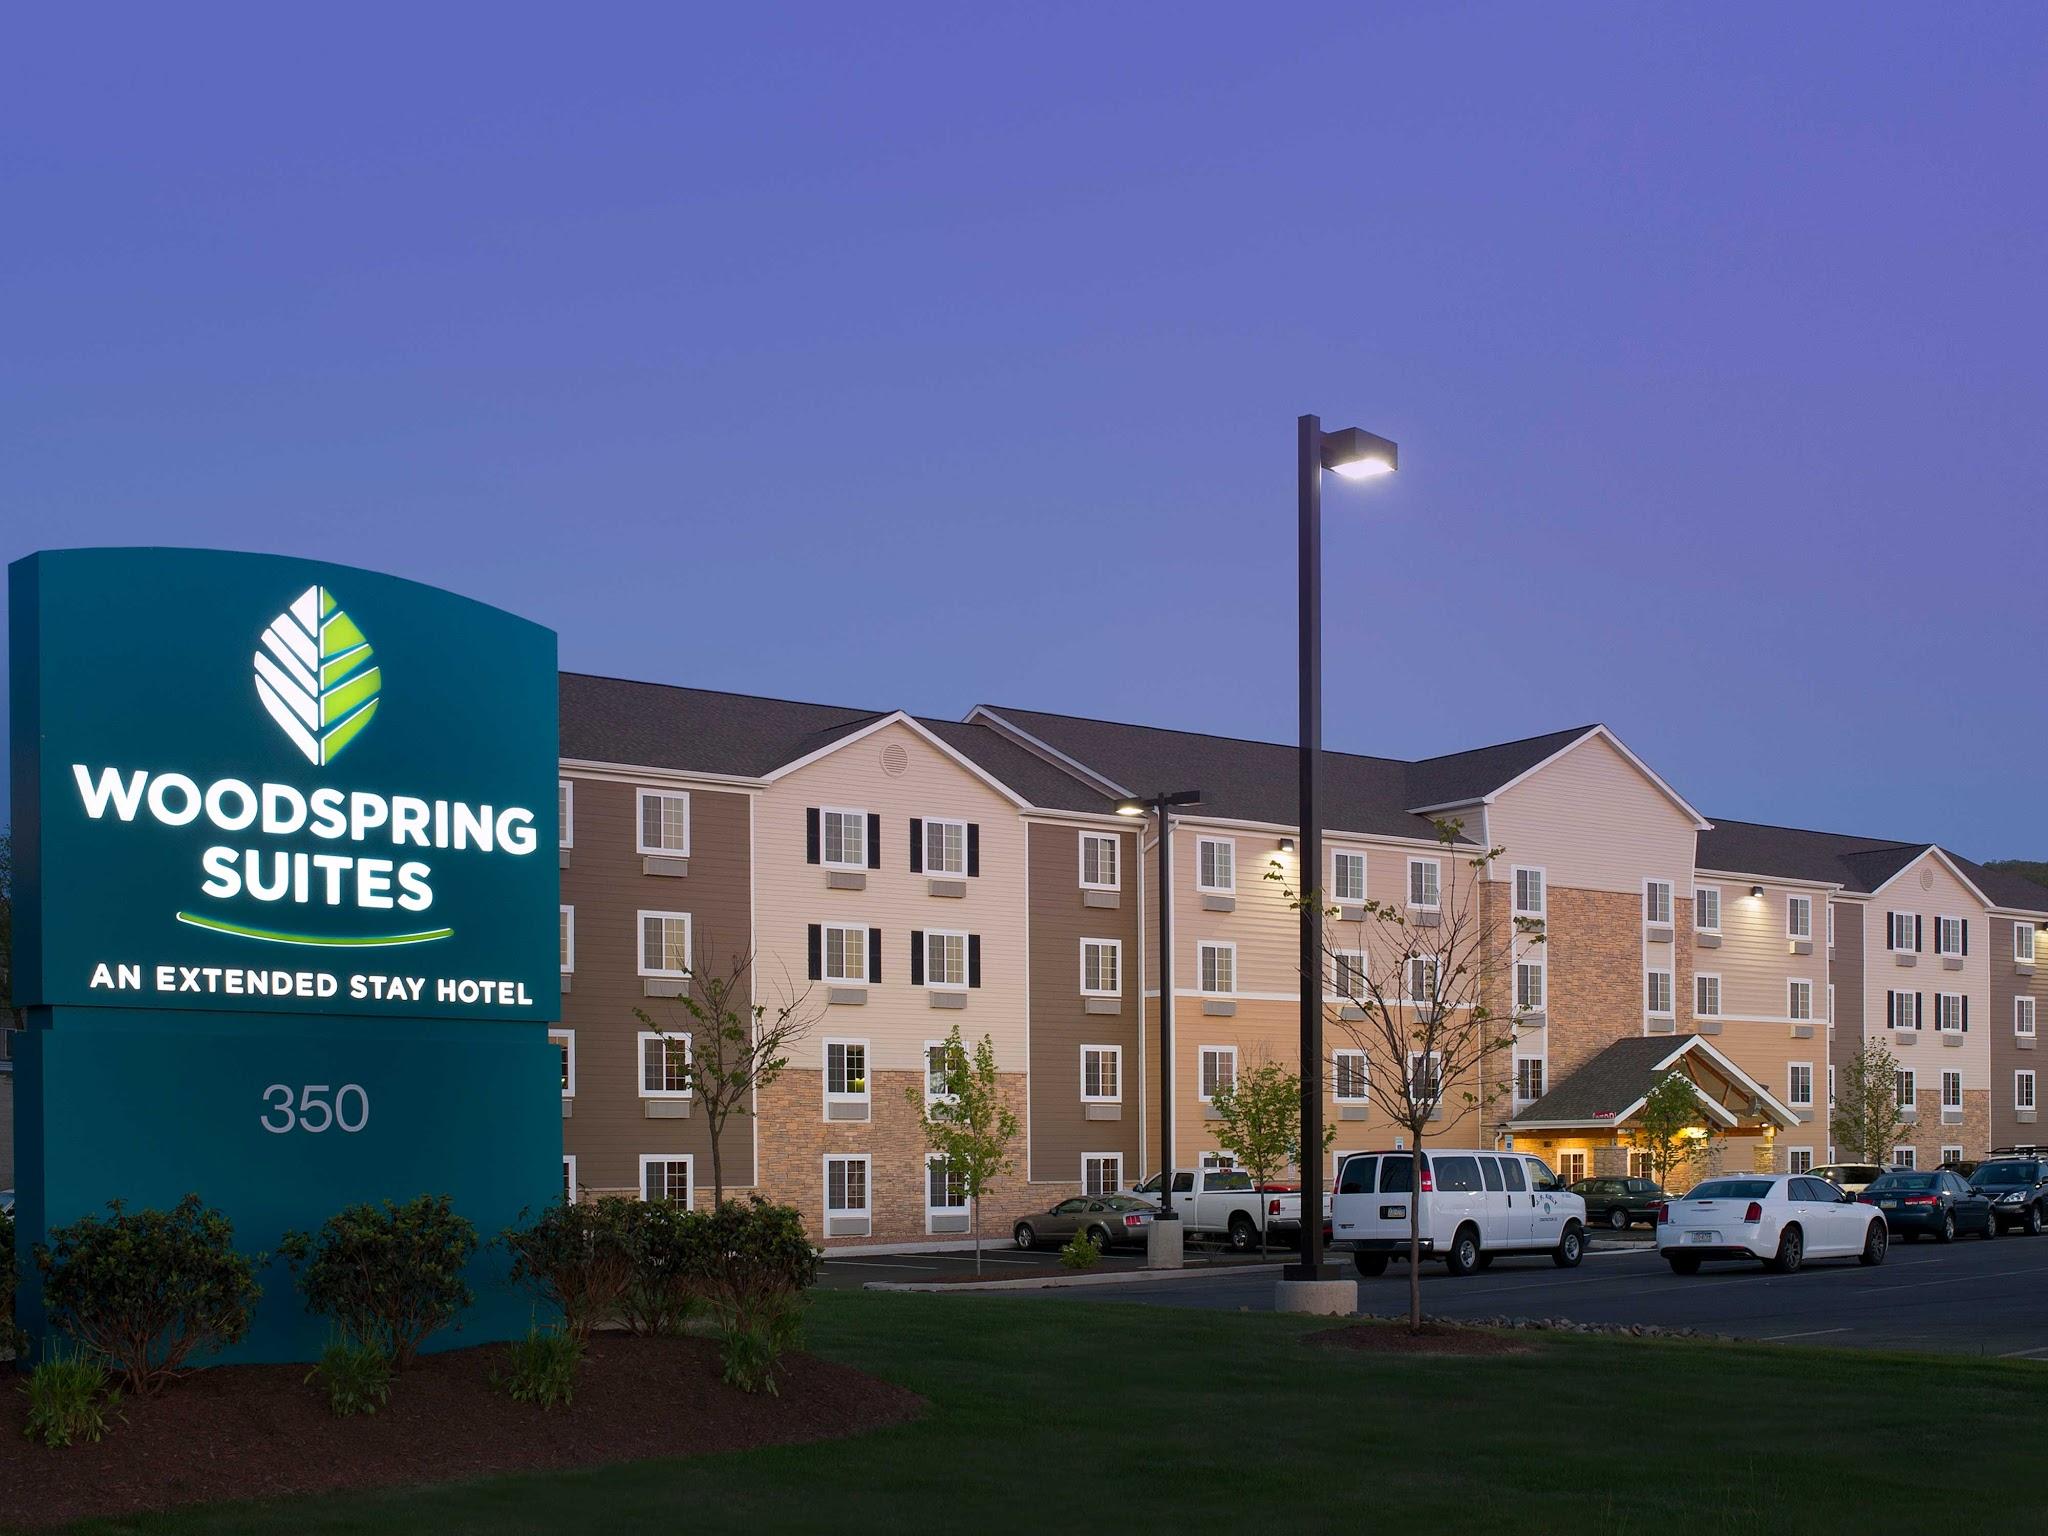 WoodSpring Suites Wilkes-Barre image 1